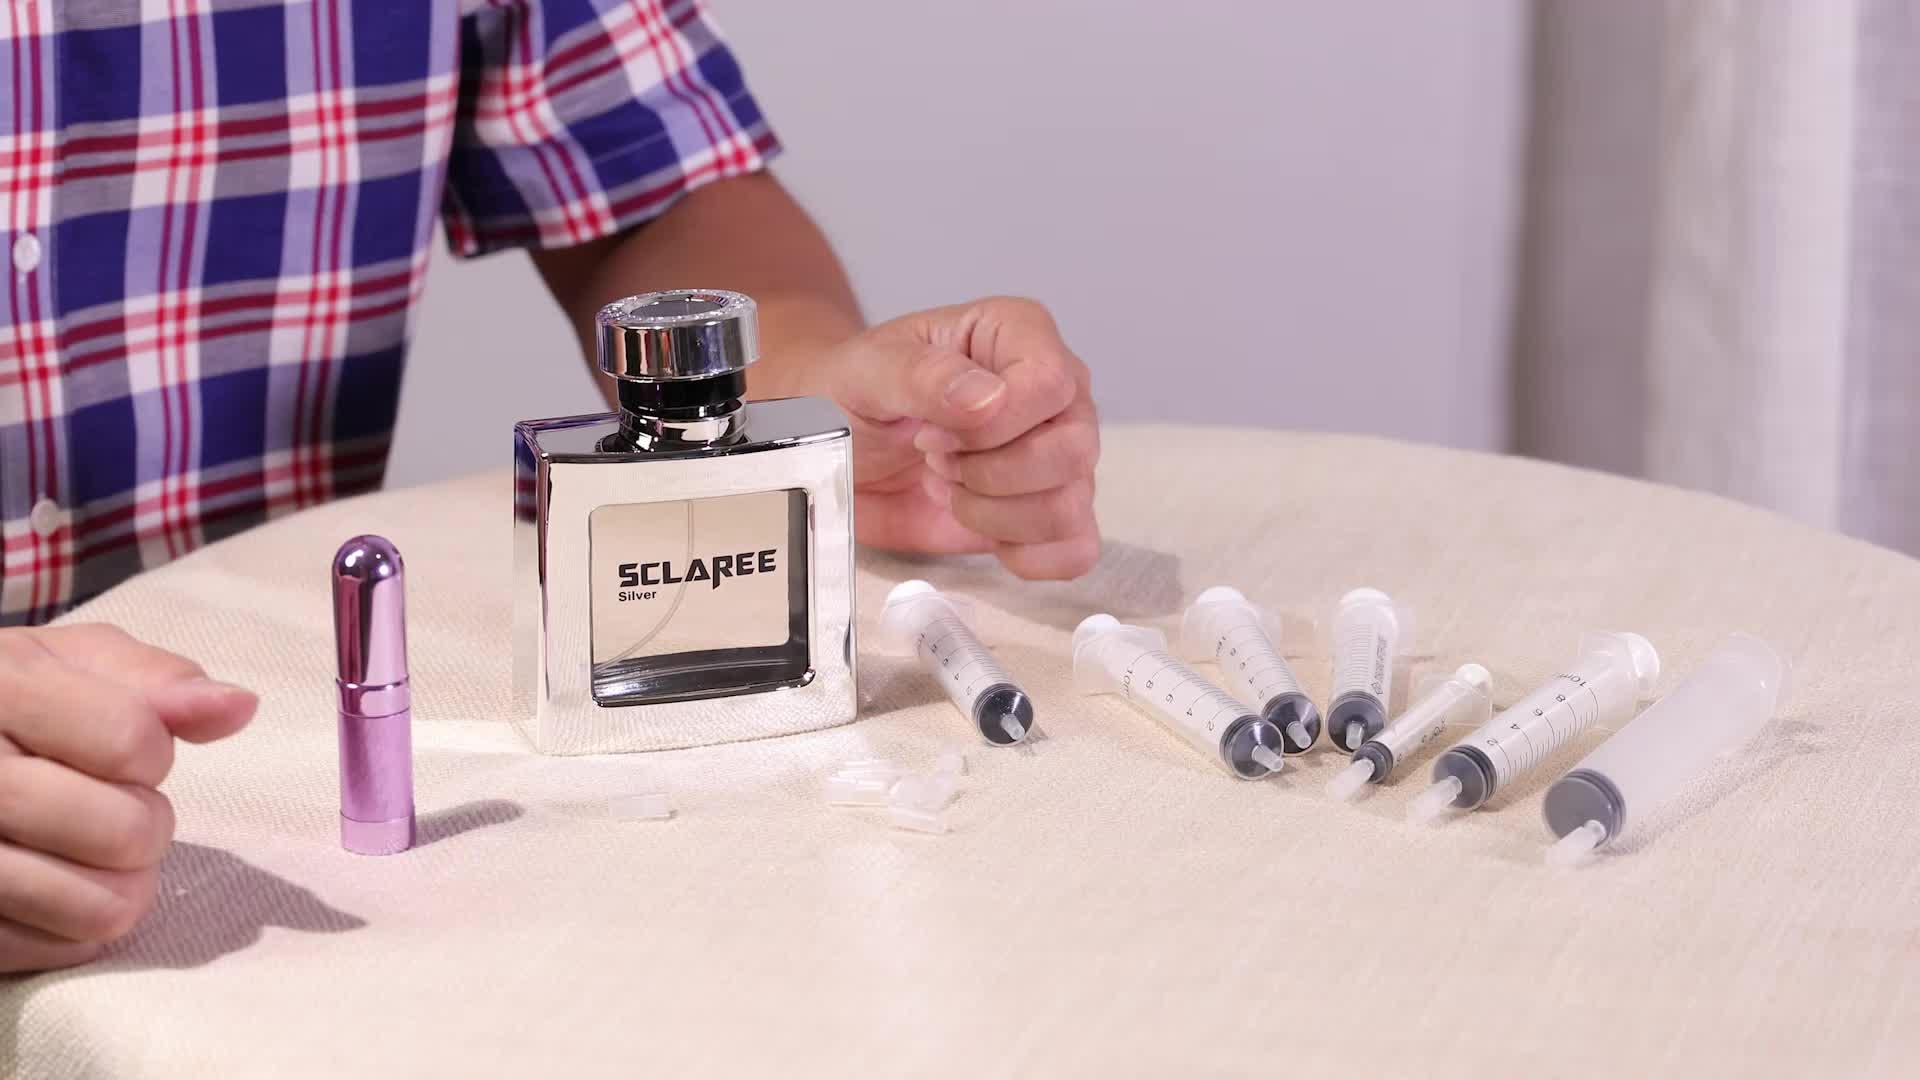 Mub Desain Yang Sangat Baik Seri 50 Ml 100 Ml Tidak Teratur Kaca Botol Parfum dengan Crimp Tutup Kustomisasi Grosir